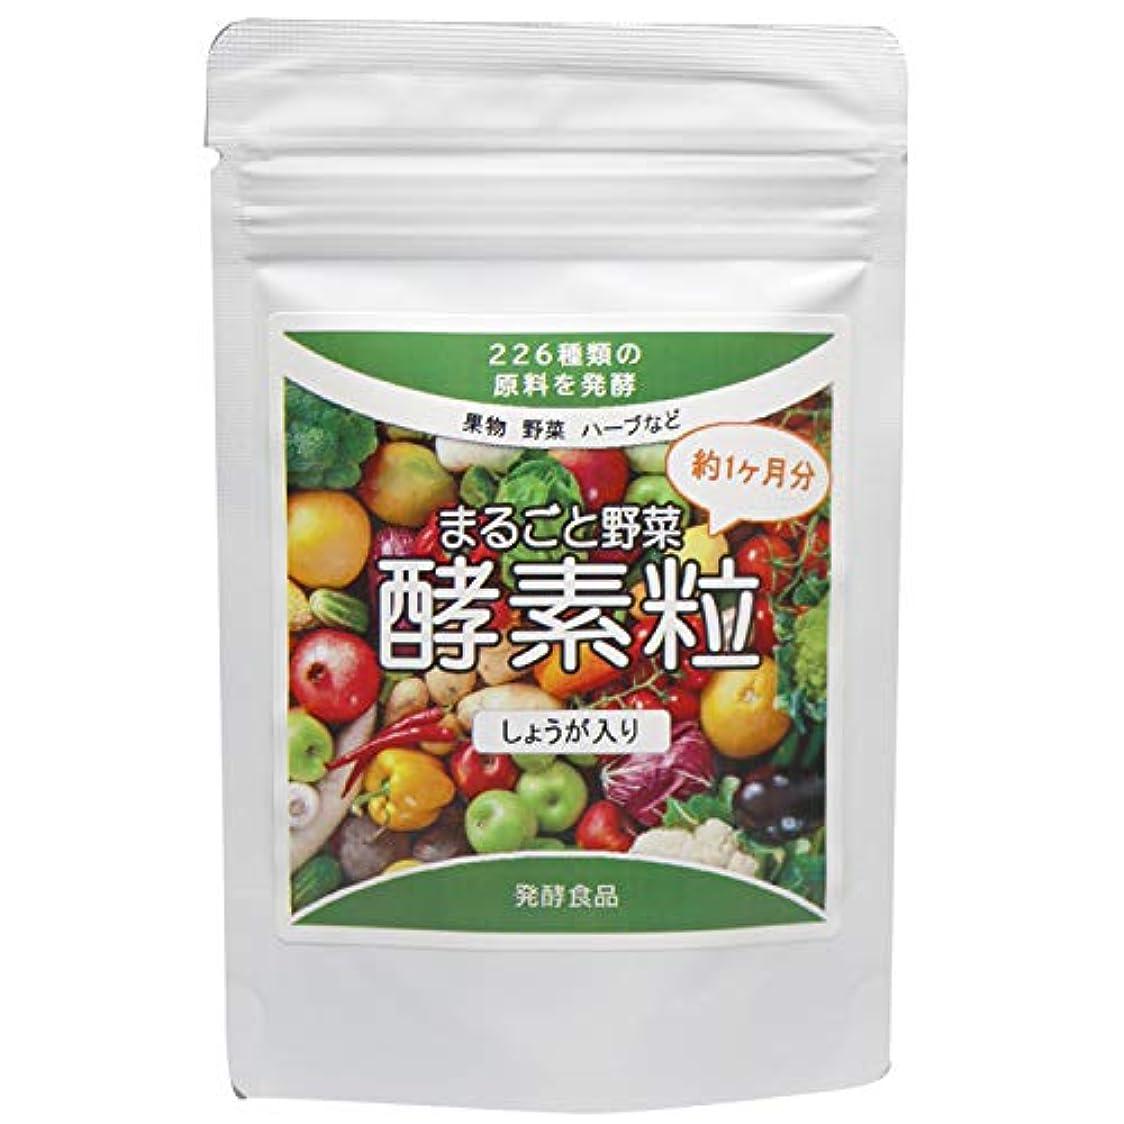 シャベル同意白いまるごと野菜酵素粒 226種類の野菜発酵(しょうが入り) 約4ヶ月分 (440mg×120粒)